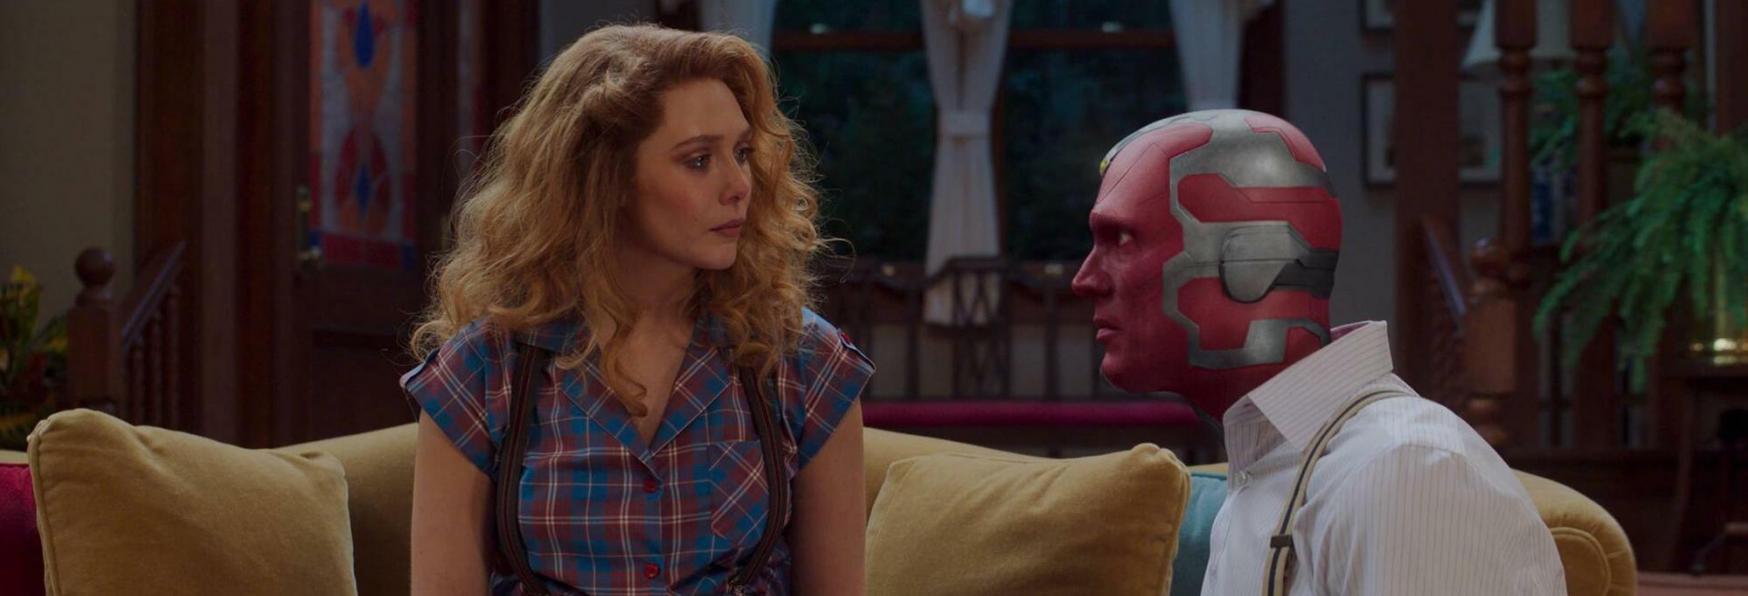 WandaVision: la Serie TV Accenna Involontariamente a Magneto